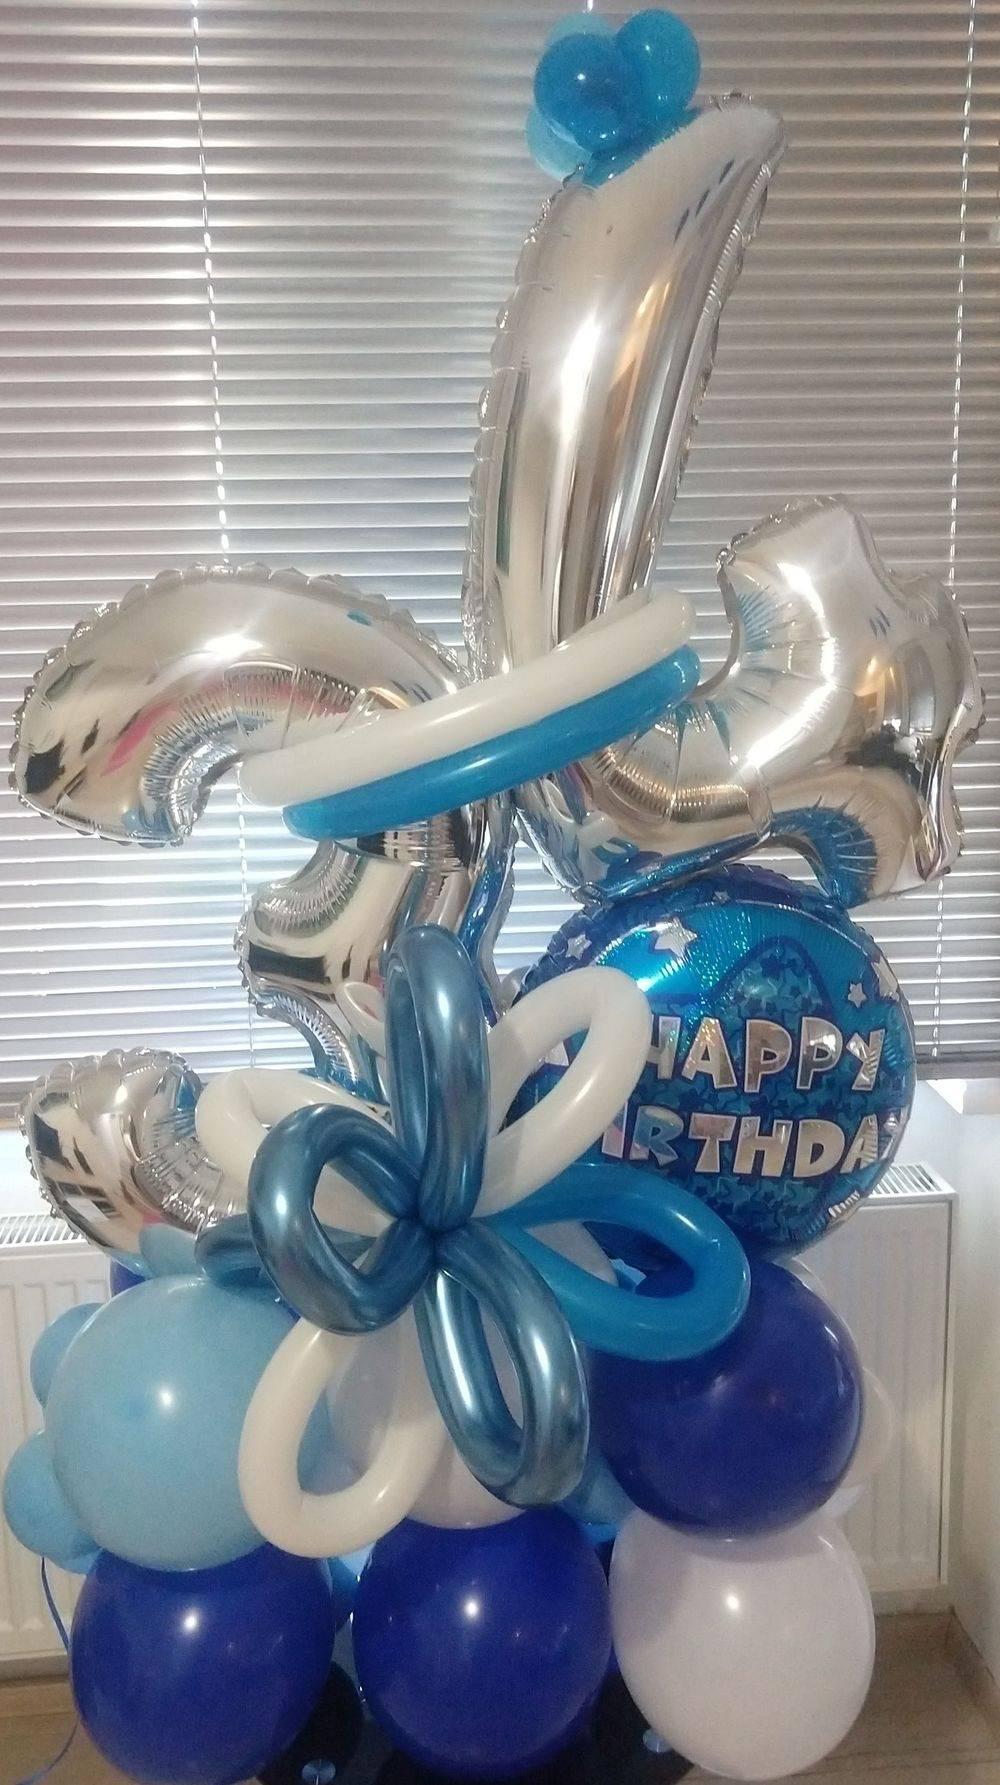 balonky, cisla, heliem, narozeniny, oslavy, nafukovaci, balloons